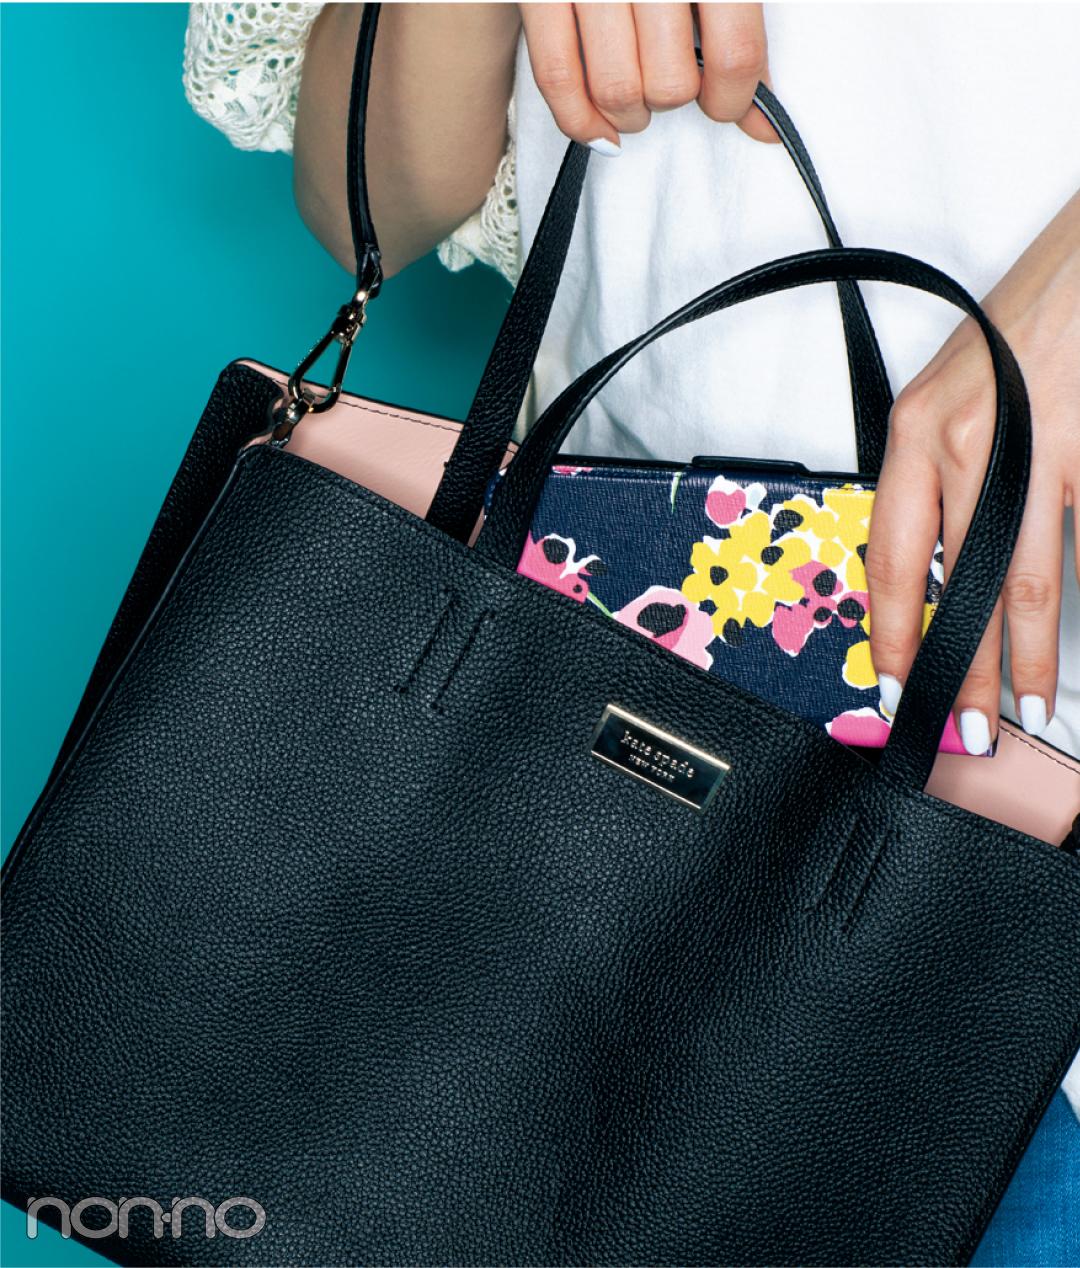 ケイトスペードの新作トートバッグ&携帯ケースが可愛いすぎ!【20歳からの名品】_1_3